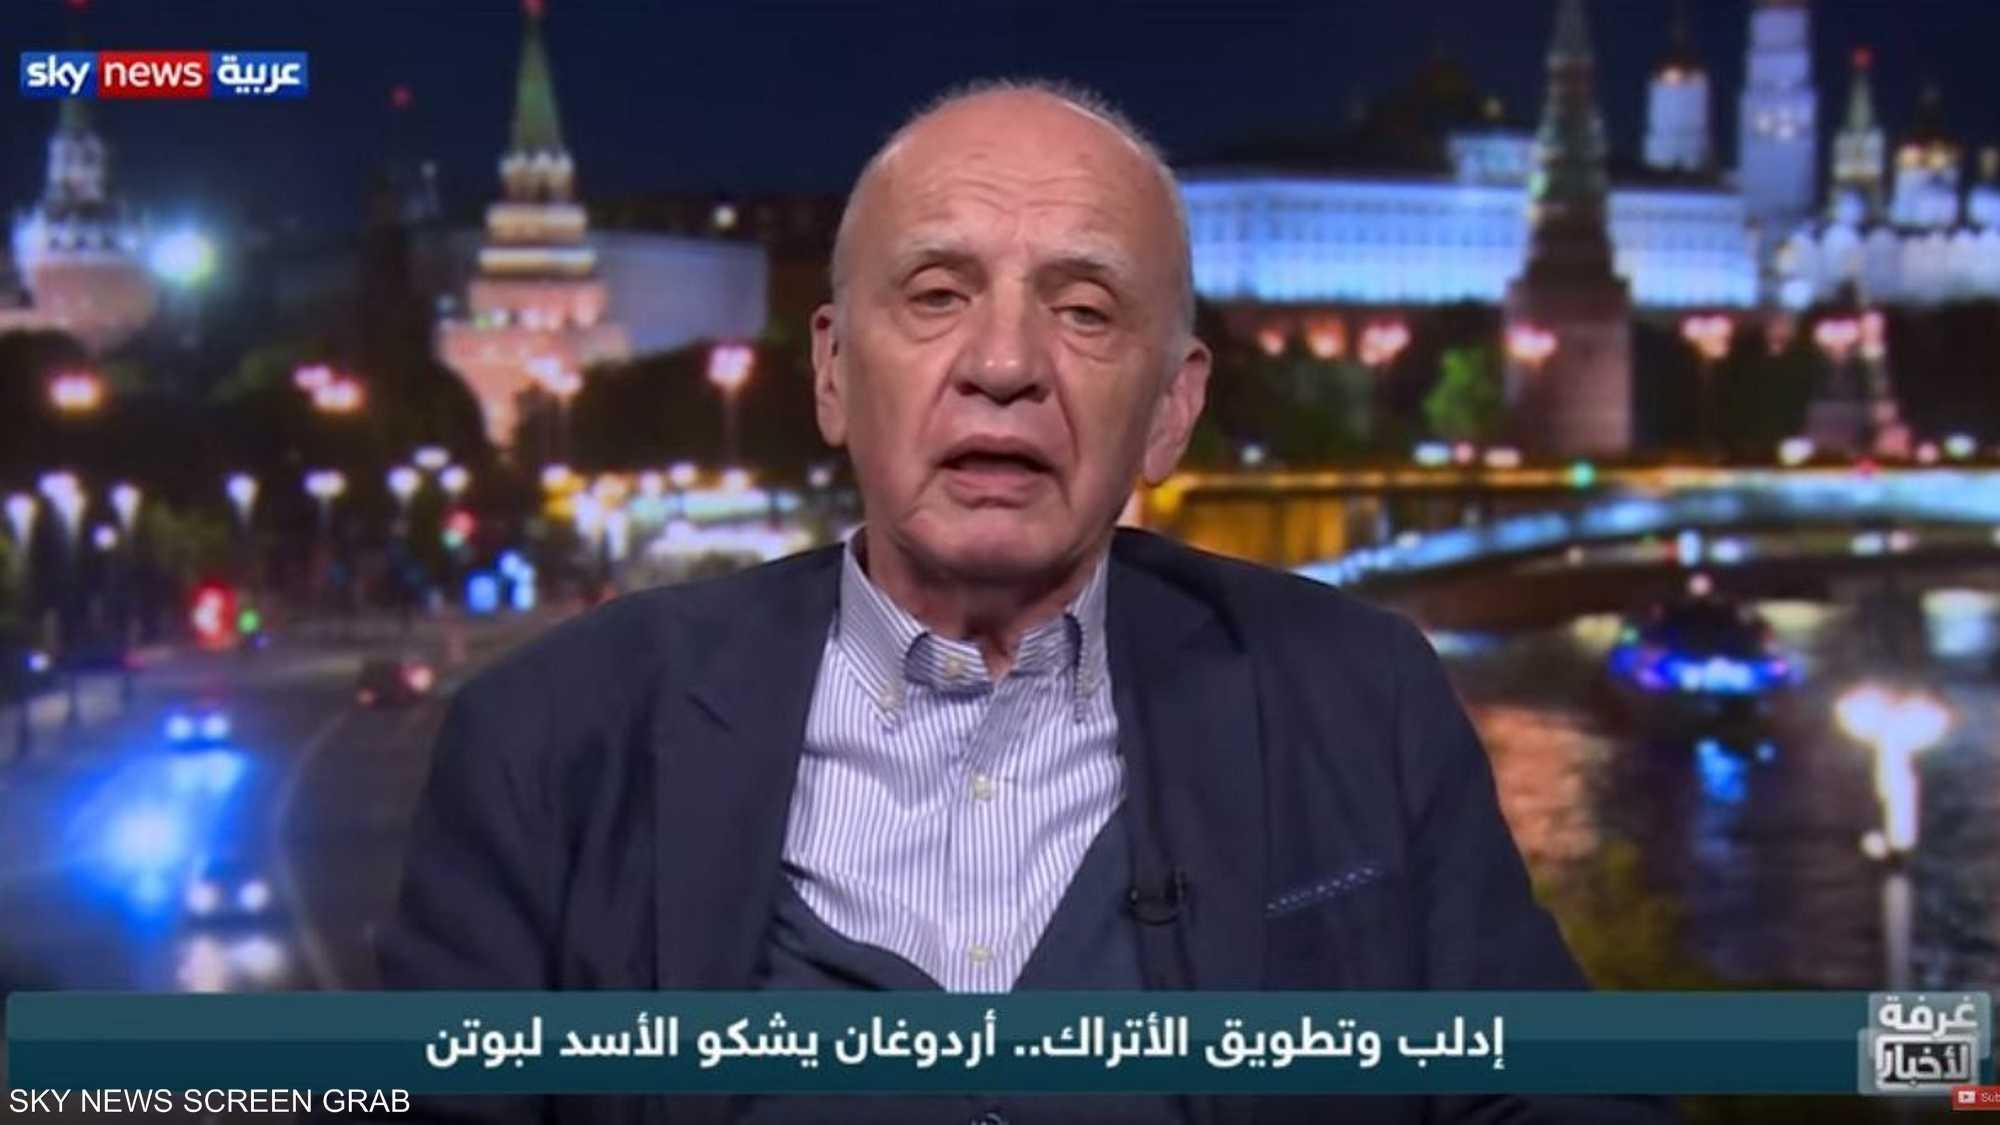 إدلب وتطويق الأتراك.. أردوغان يشكو الأسد لبوتن